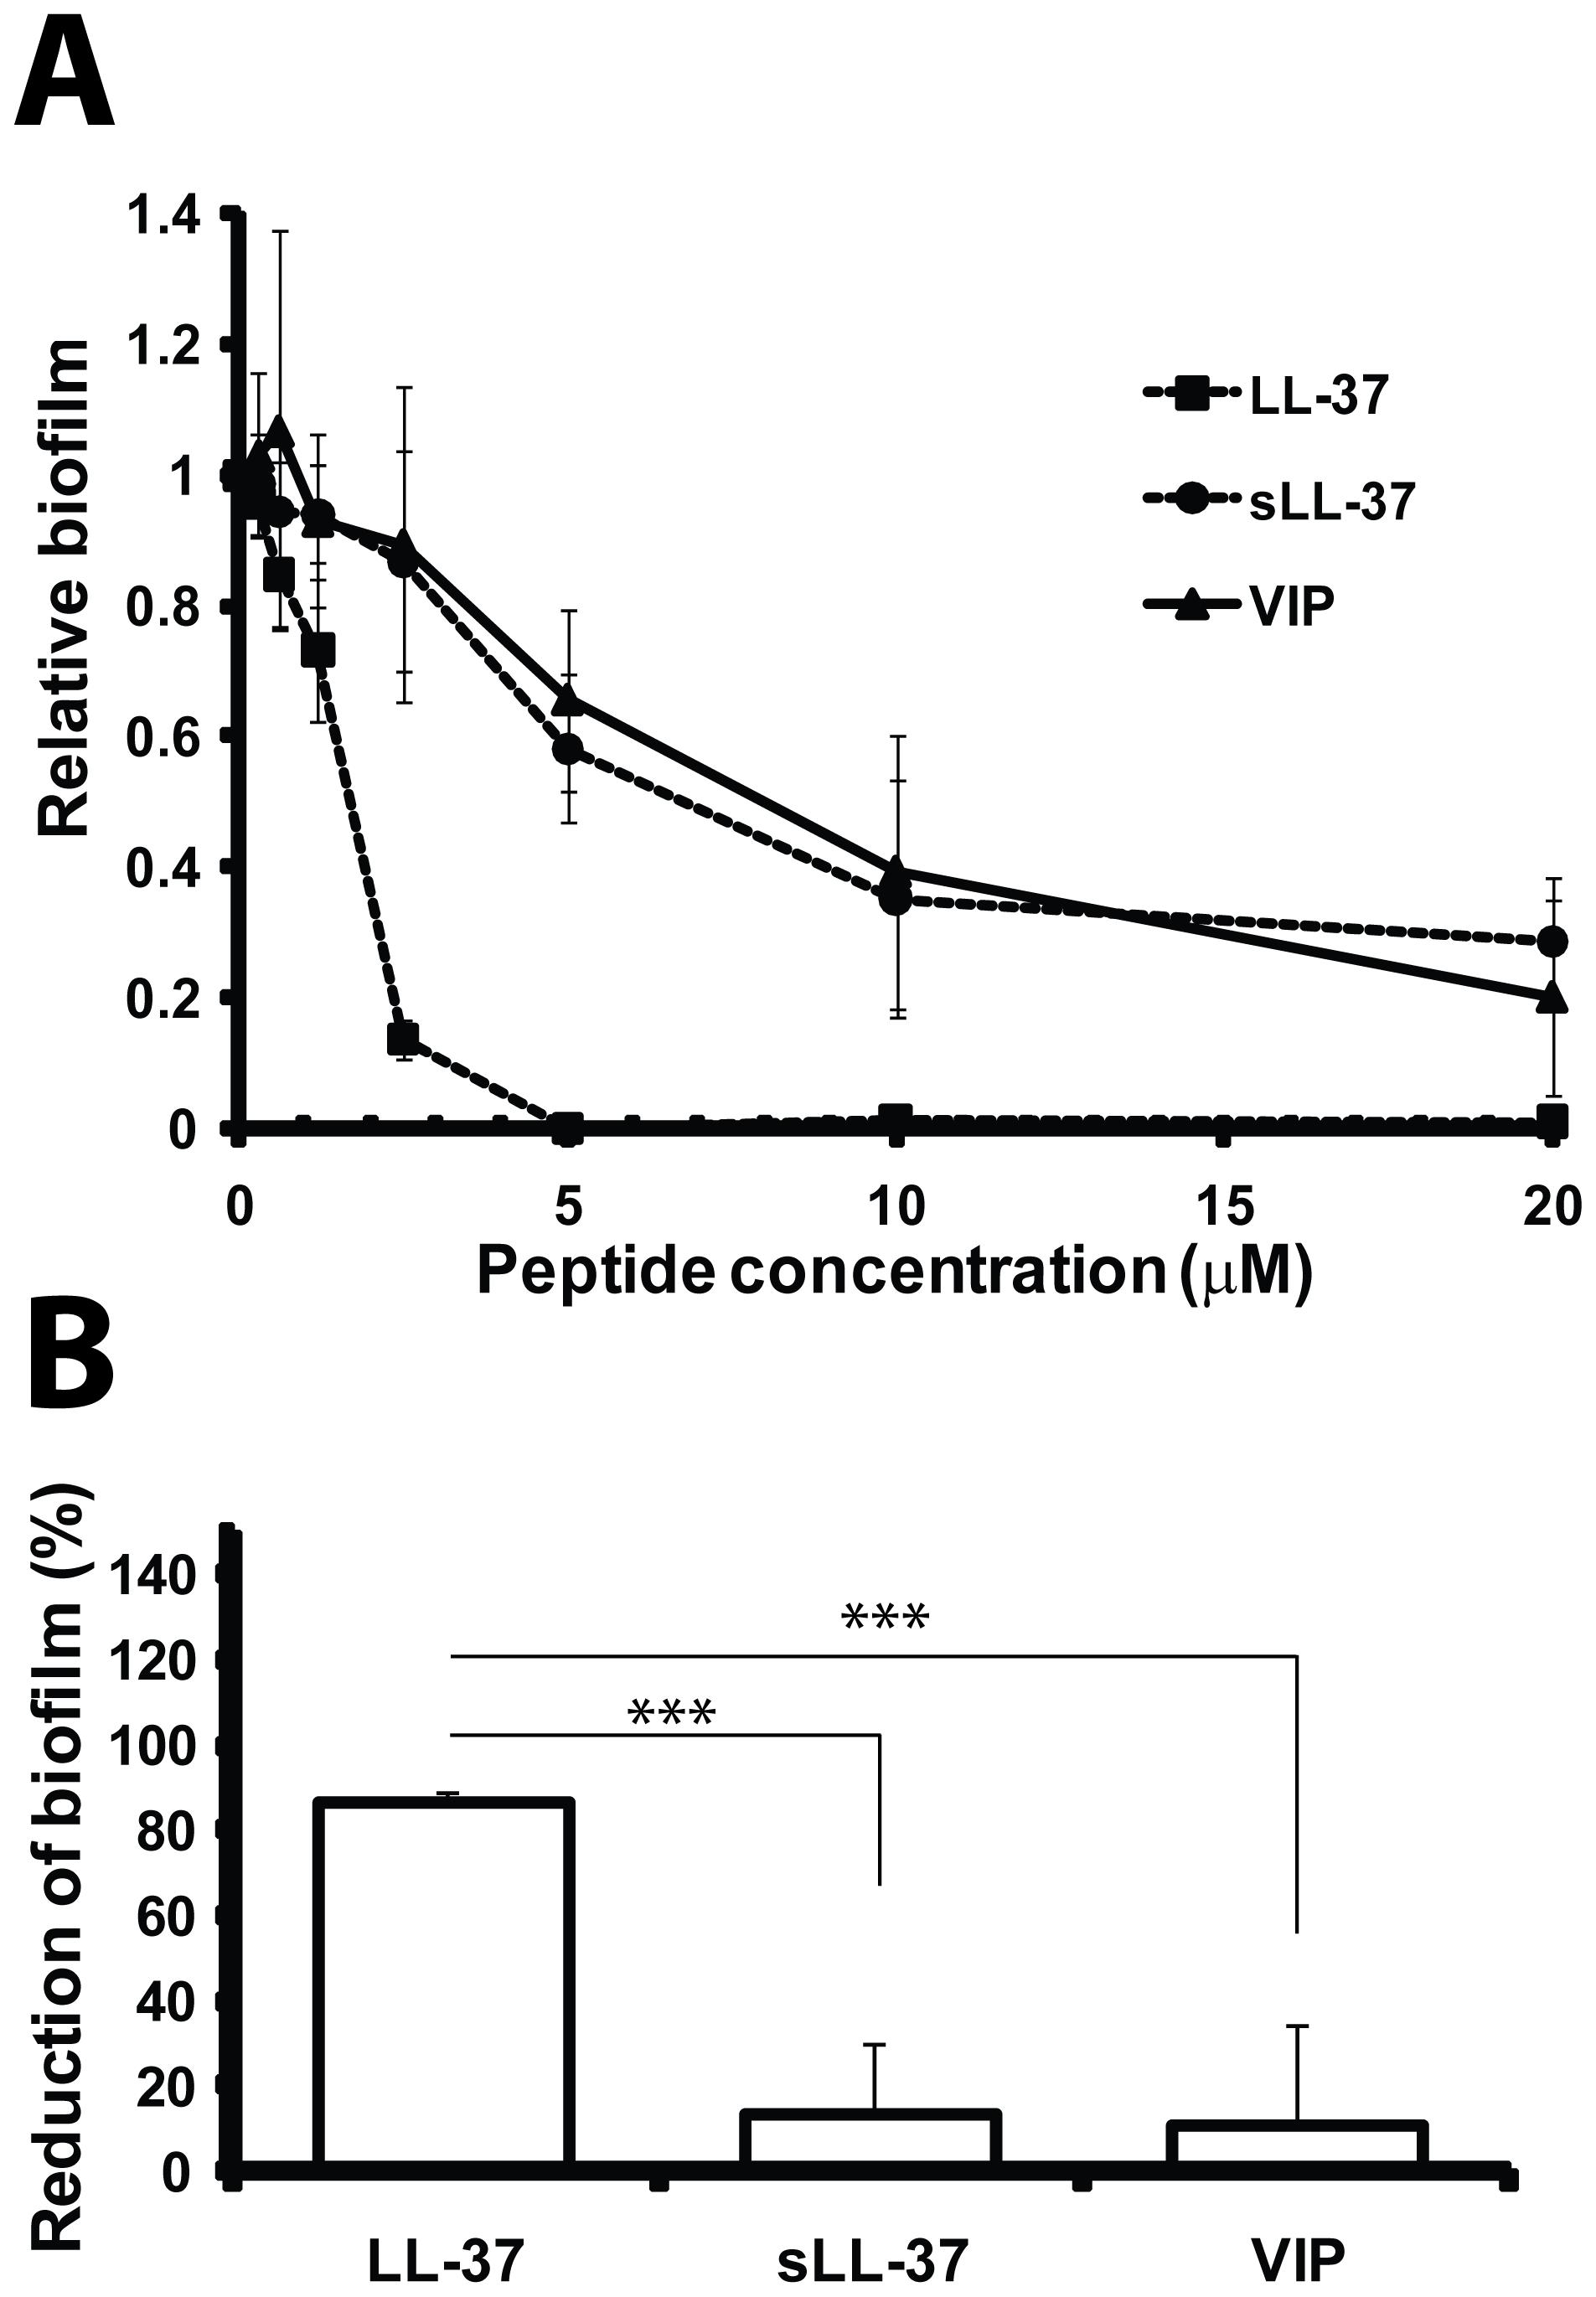 LL-37 prevents formation of biofilm by <i>E. coli</i> in vitro.